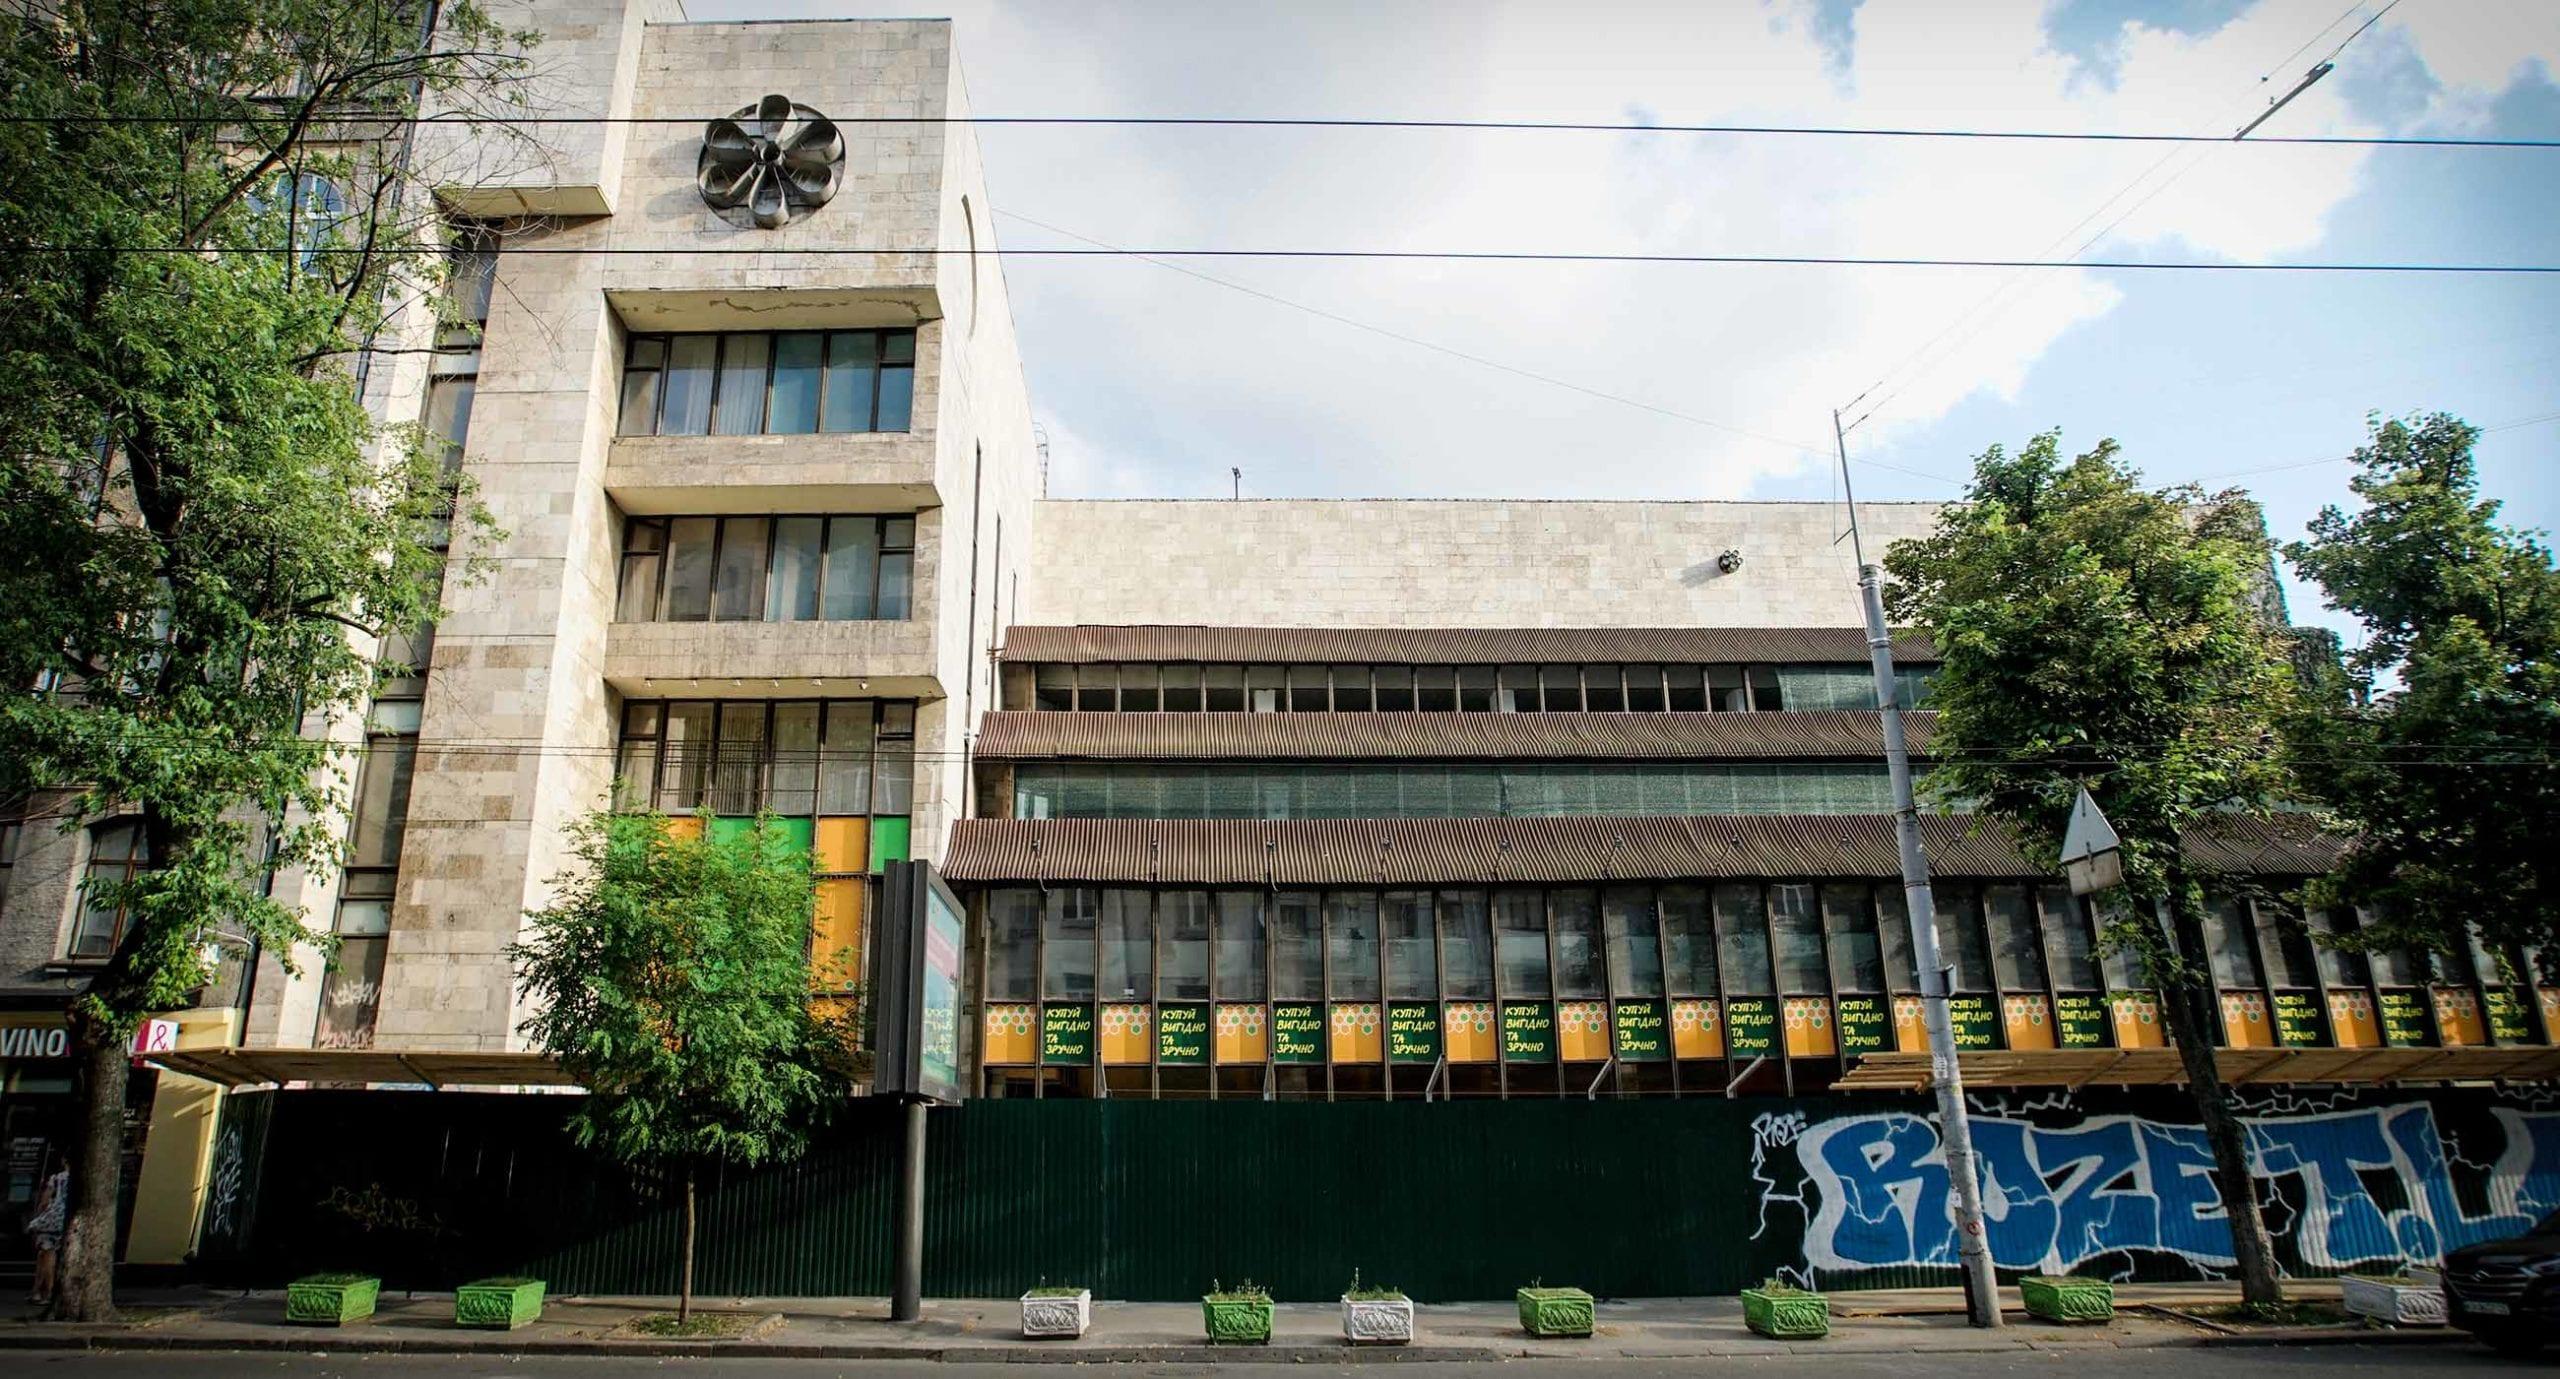 «Квіти України». Что происходит с модернистским зданием в центре города